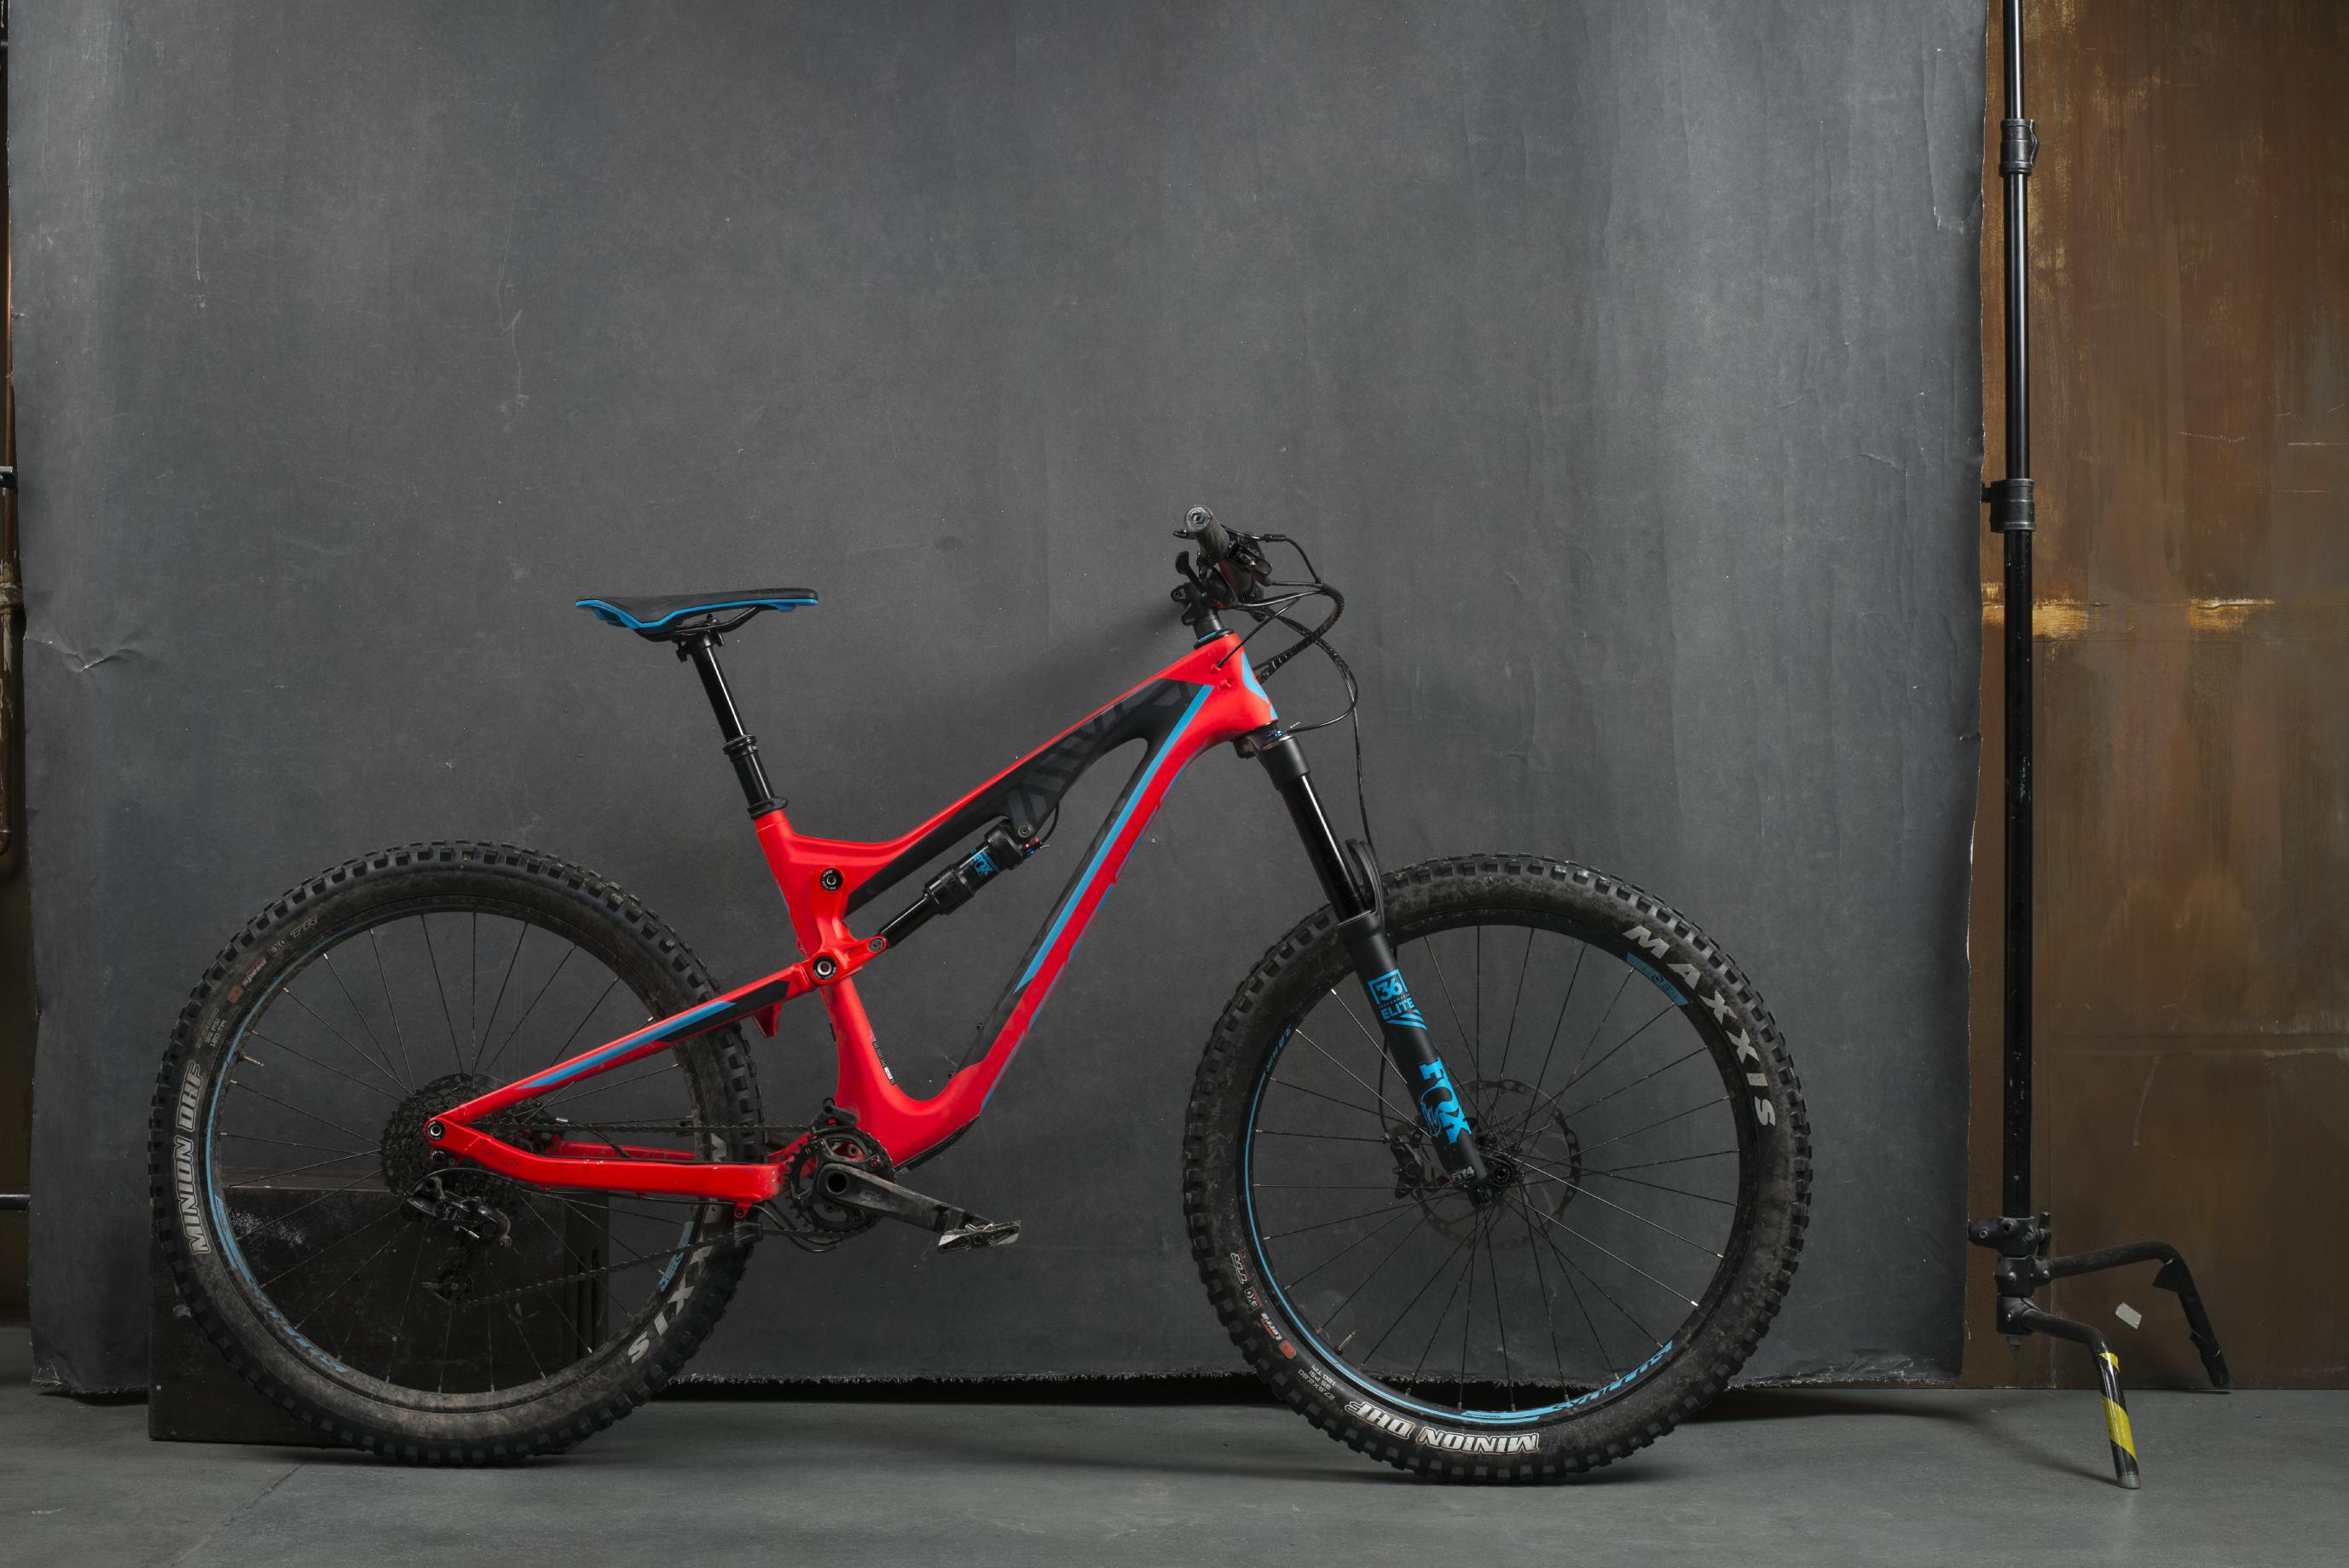 Das Scott Genius LT 710 kommt mit seinen fetten Plus-Reifen besonders potent rüber.